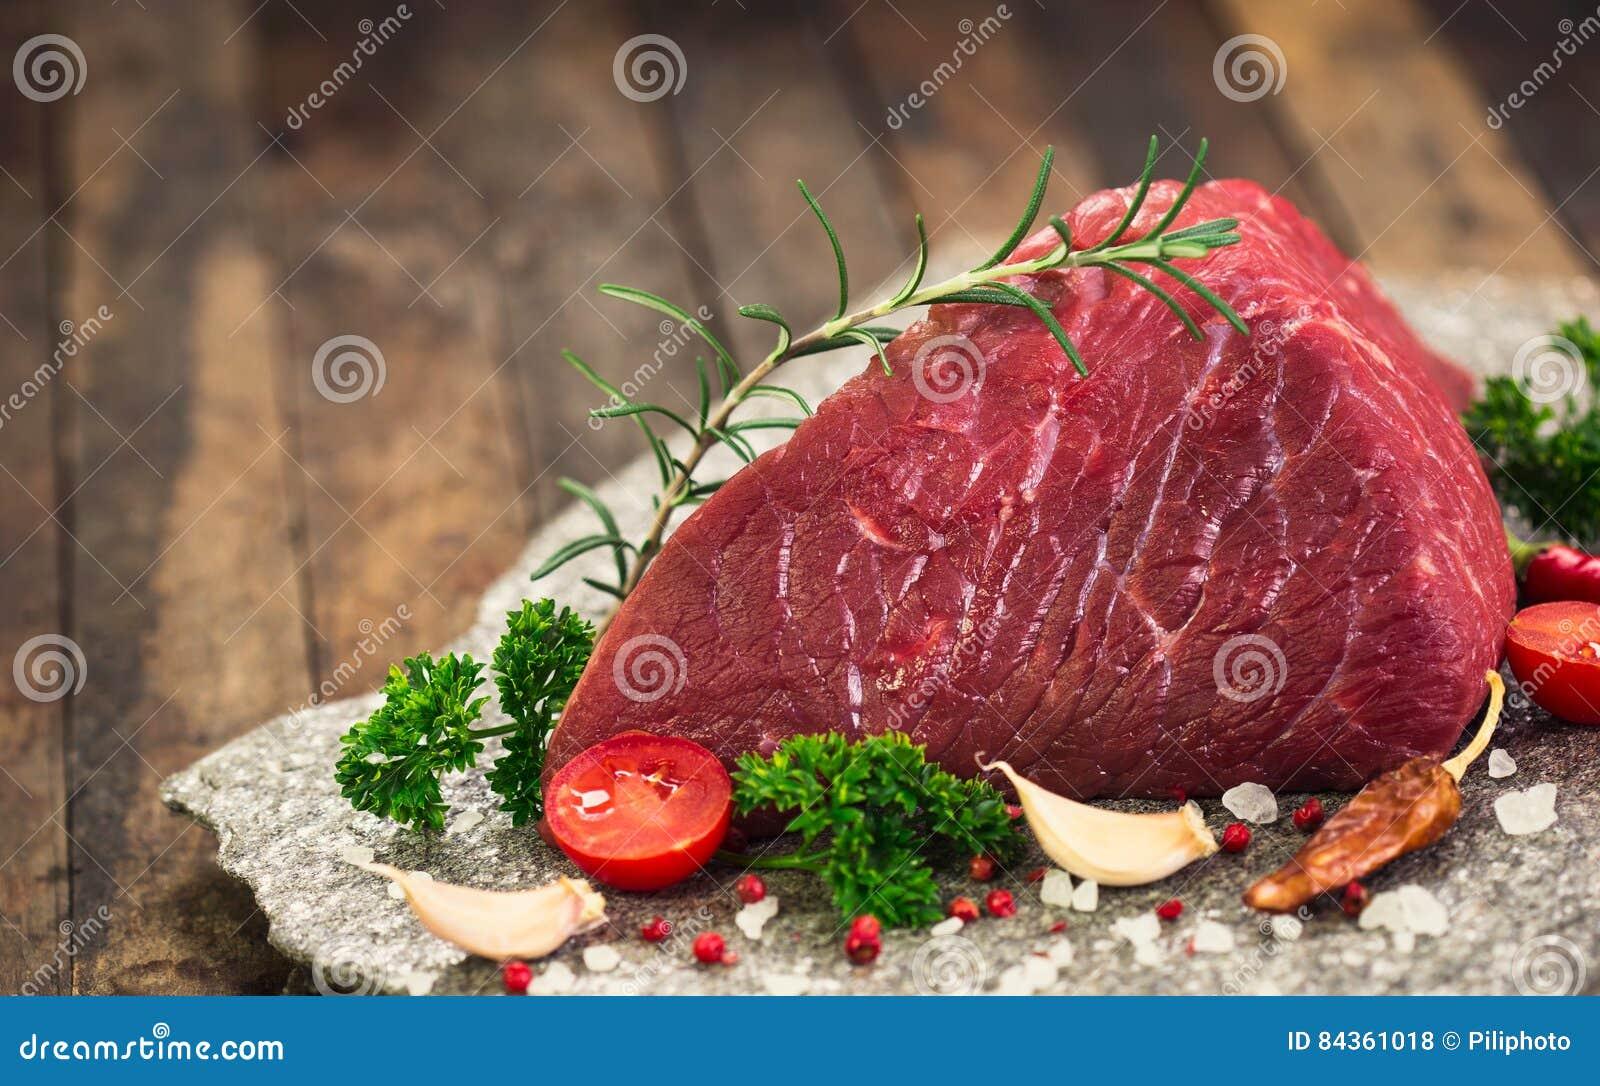 Rohes Rindfleischfleisch mit Gewürzen